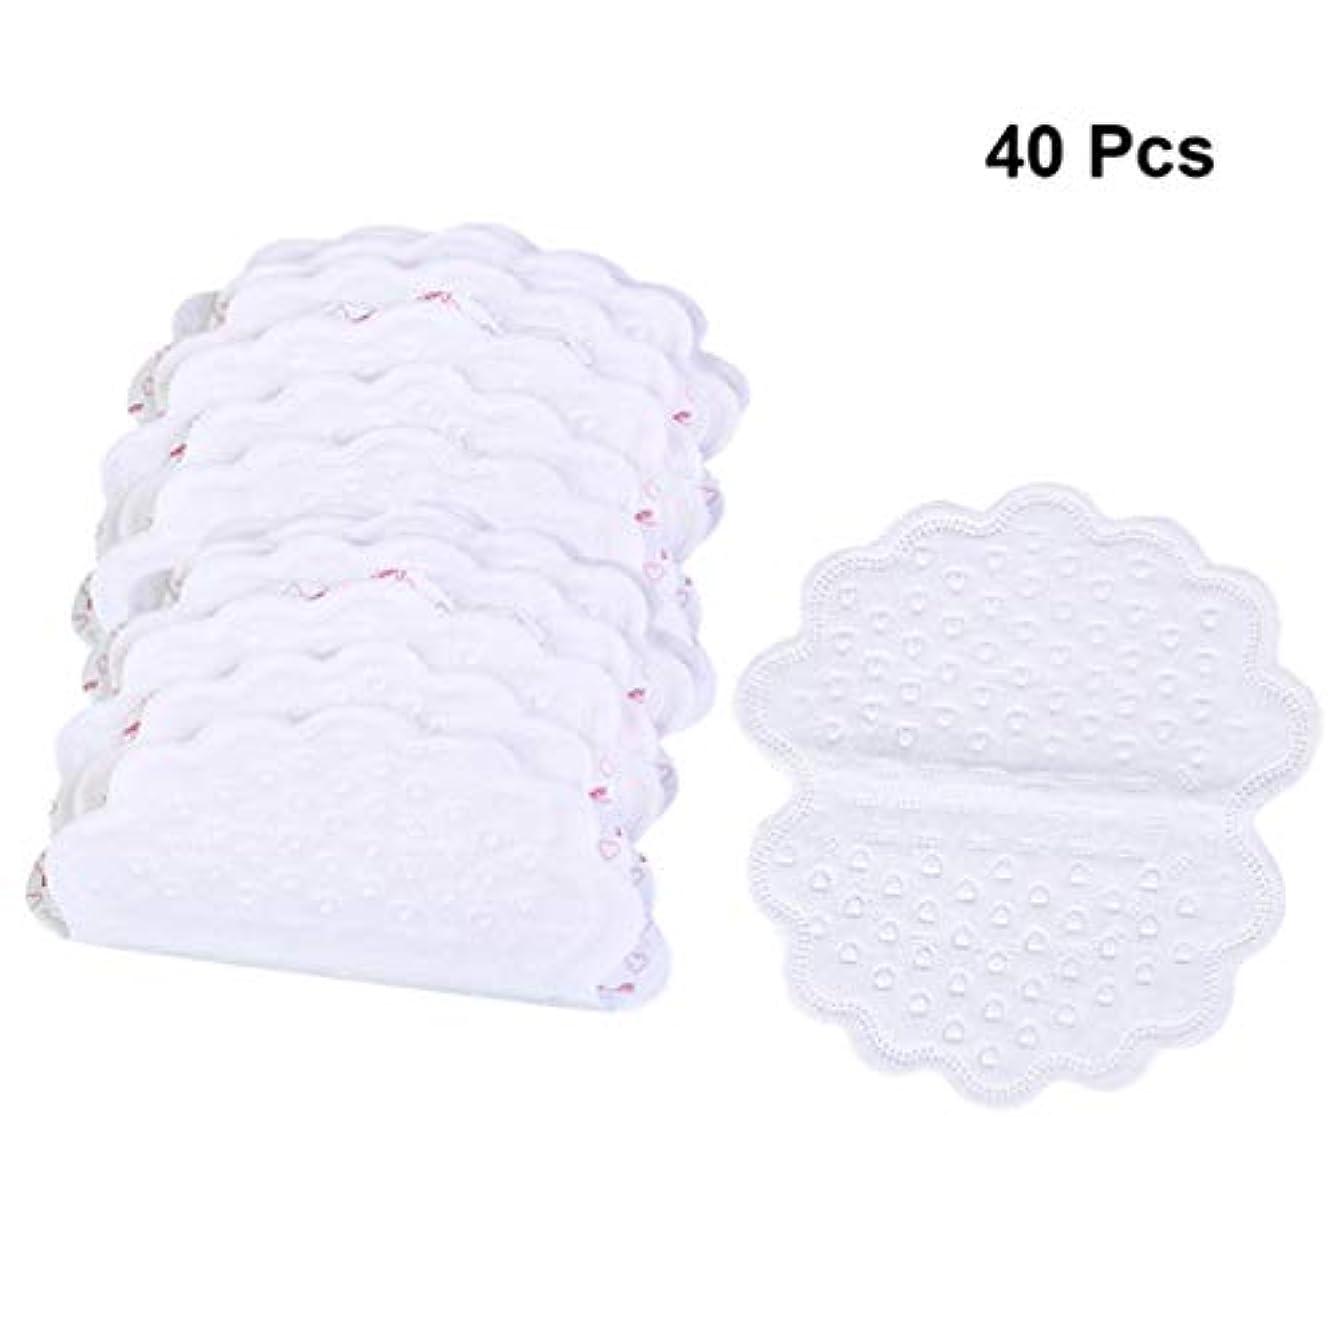 それぞれキャップ時々SUPVOX 40ピース脇の下吸収汗パッド通気性使い捨て脇の下制汗剤ステッカー用女性男性夏ランニング使用